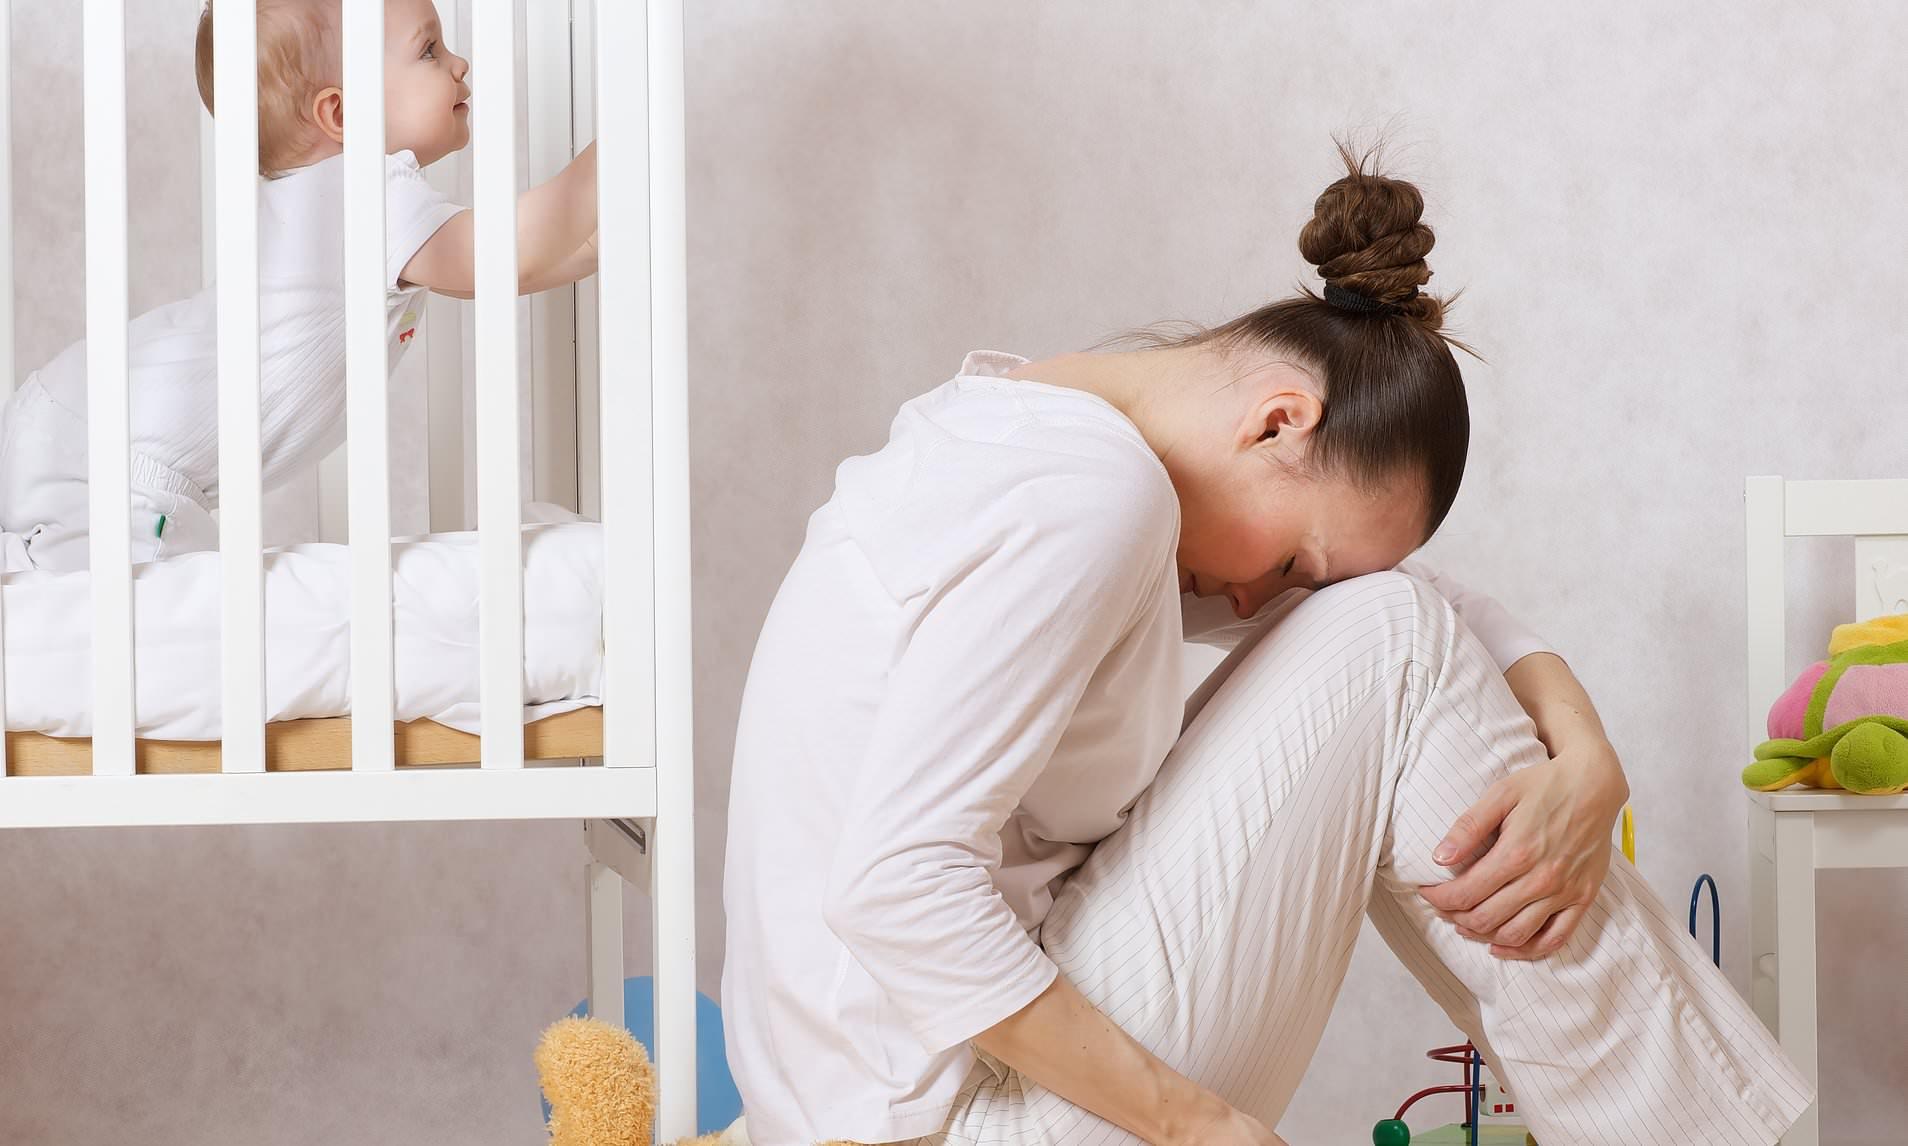 Las mujeres que dan a luz en invierno tienen más probabilidades de sufrir depresión posparto | saludverdes.com